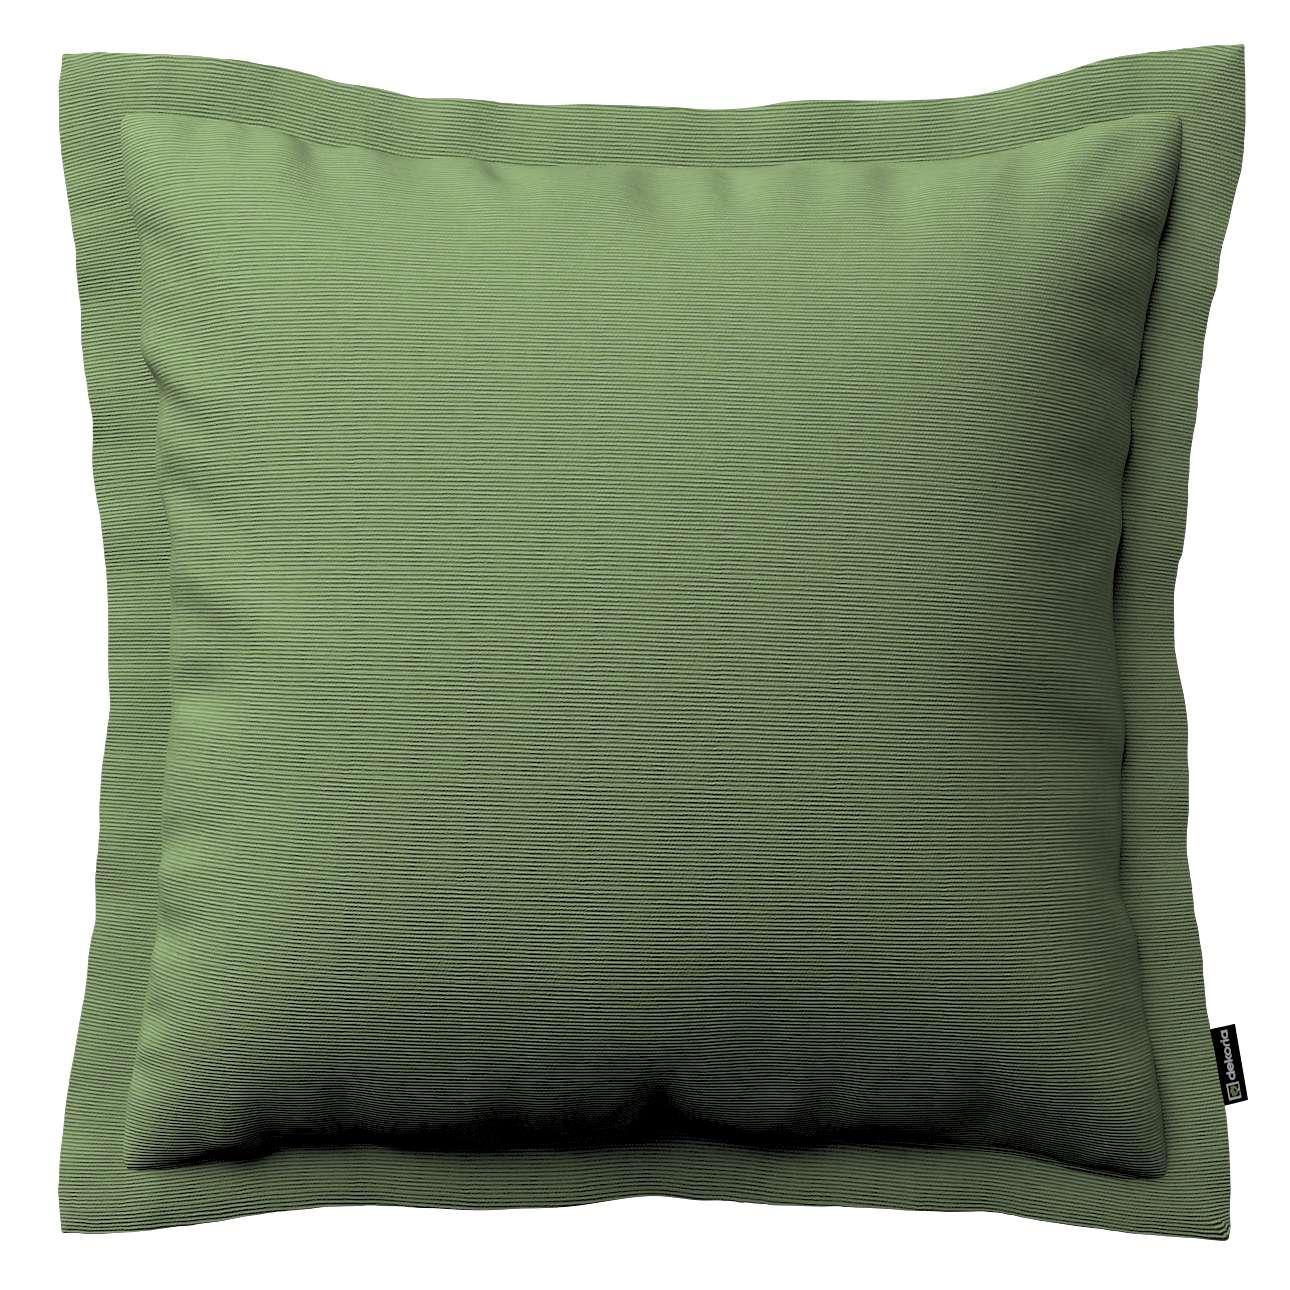 Mona dekoratyvinių pagalvėlių užvalkalas su sienele 38 x 38 cm kolekcijoje Jupiter, audinys: 127-52